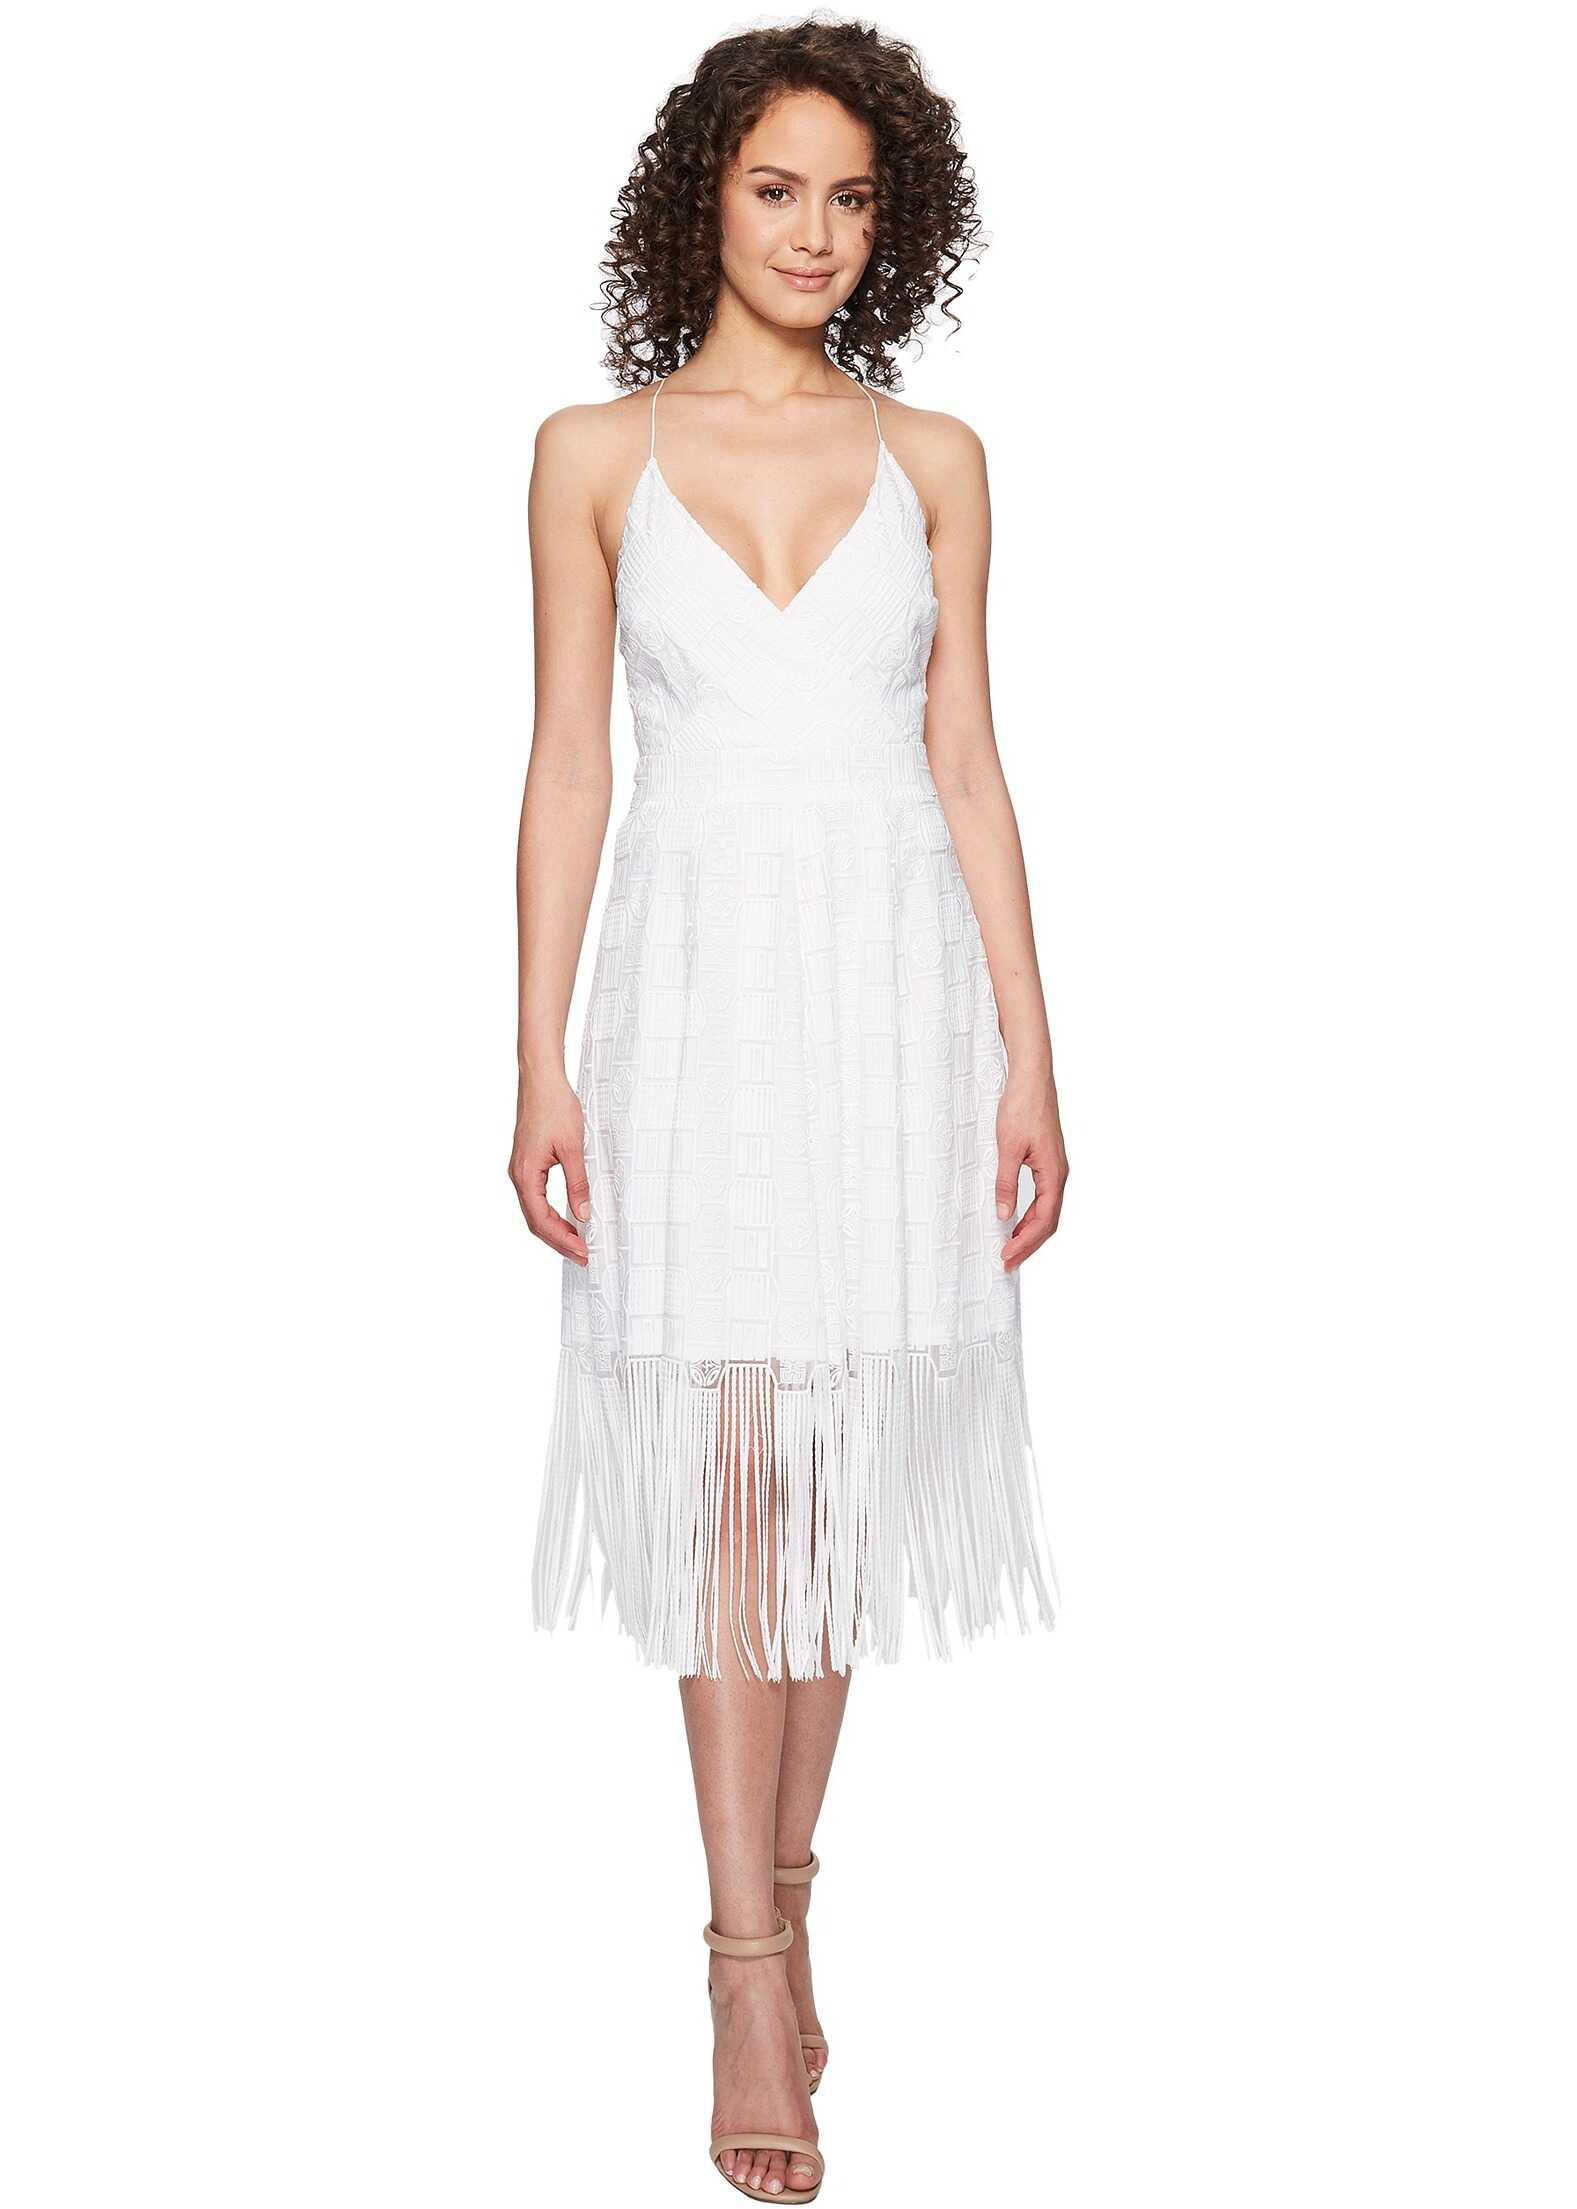 Nicole Miller Elina Burnout Fringe Party Dress White